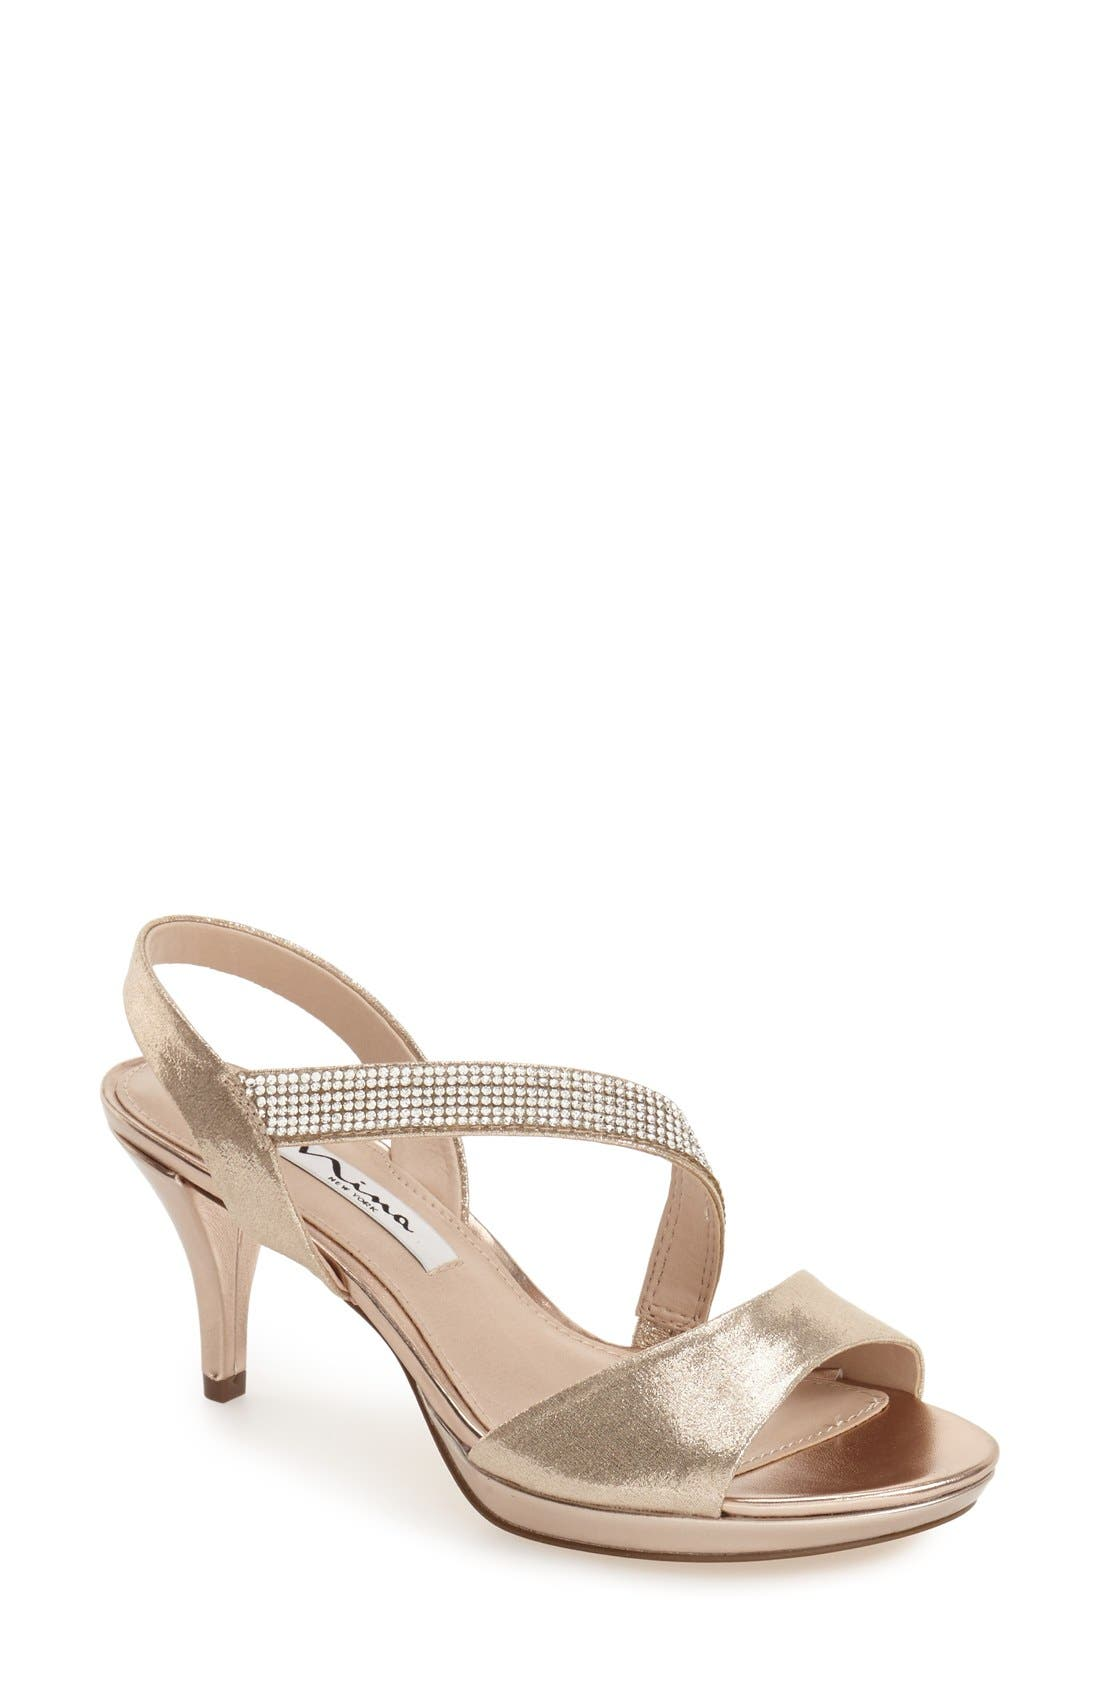 NINA 'Novelle' Crystal Embellished Evening Sandal